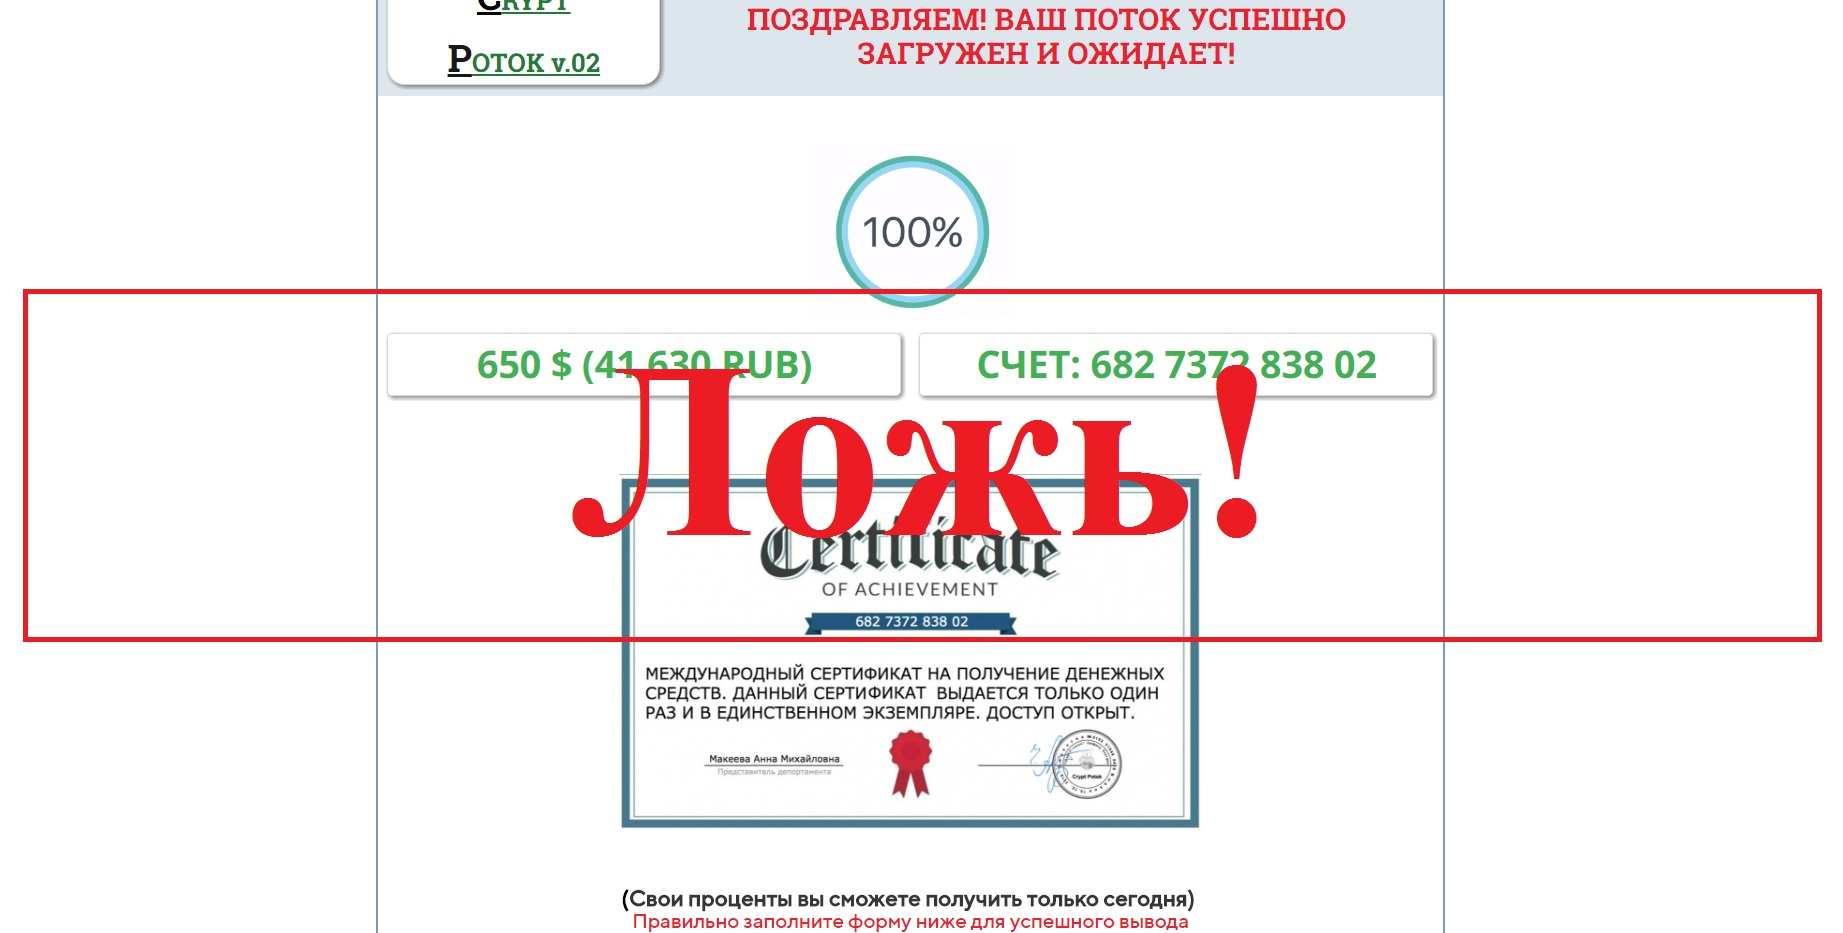 CRYPT POTOK v.02 – реальные отзывы о «крипто потоке»